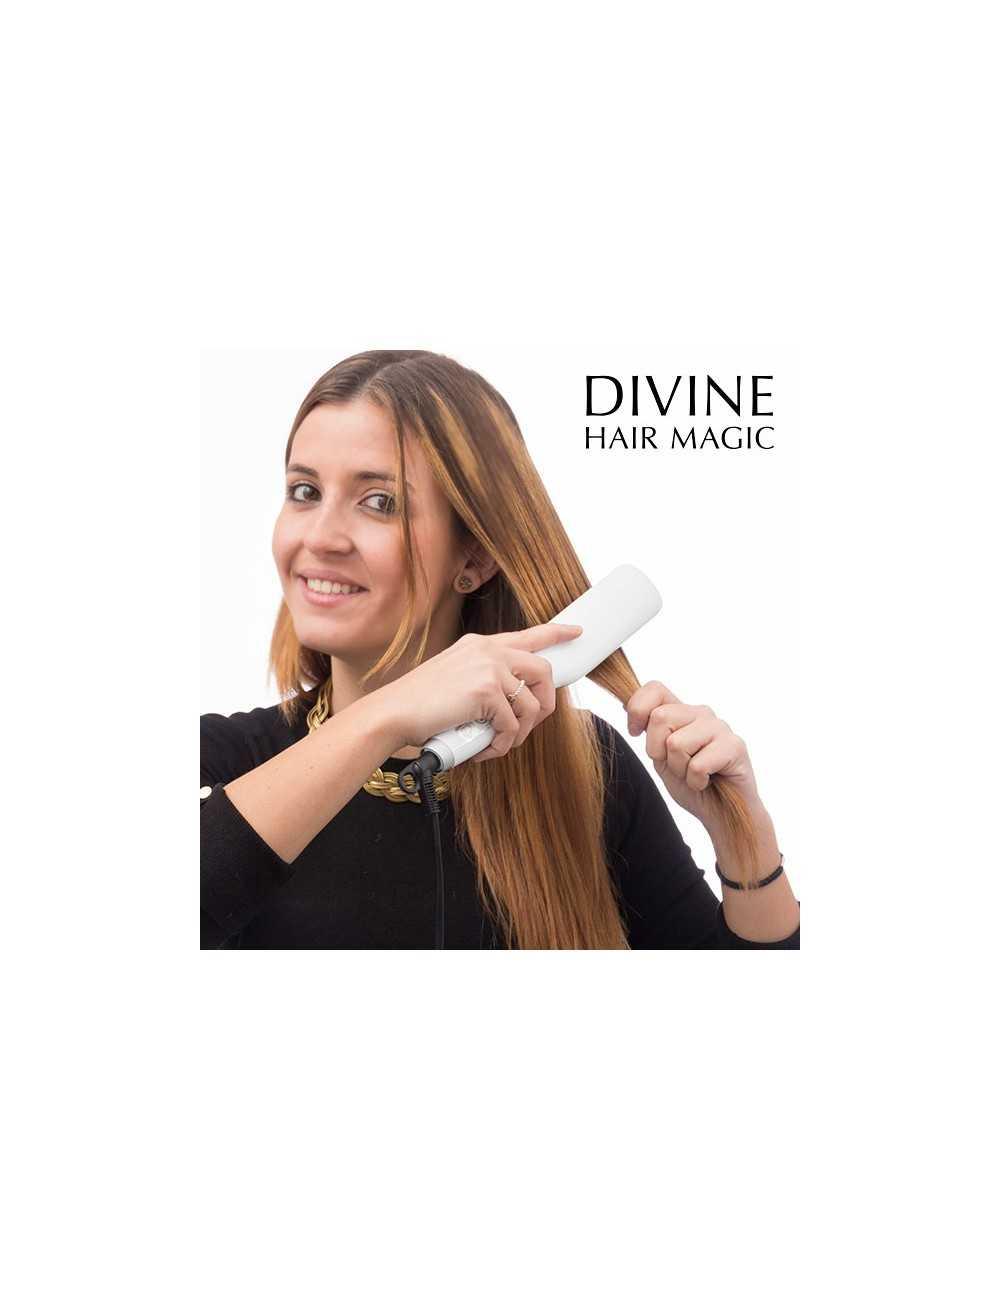 Ηλεκτρική Βούρτσα Ισιώματος Divine Hair Magic 901ad176ac0